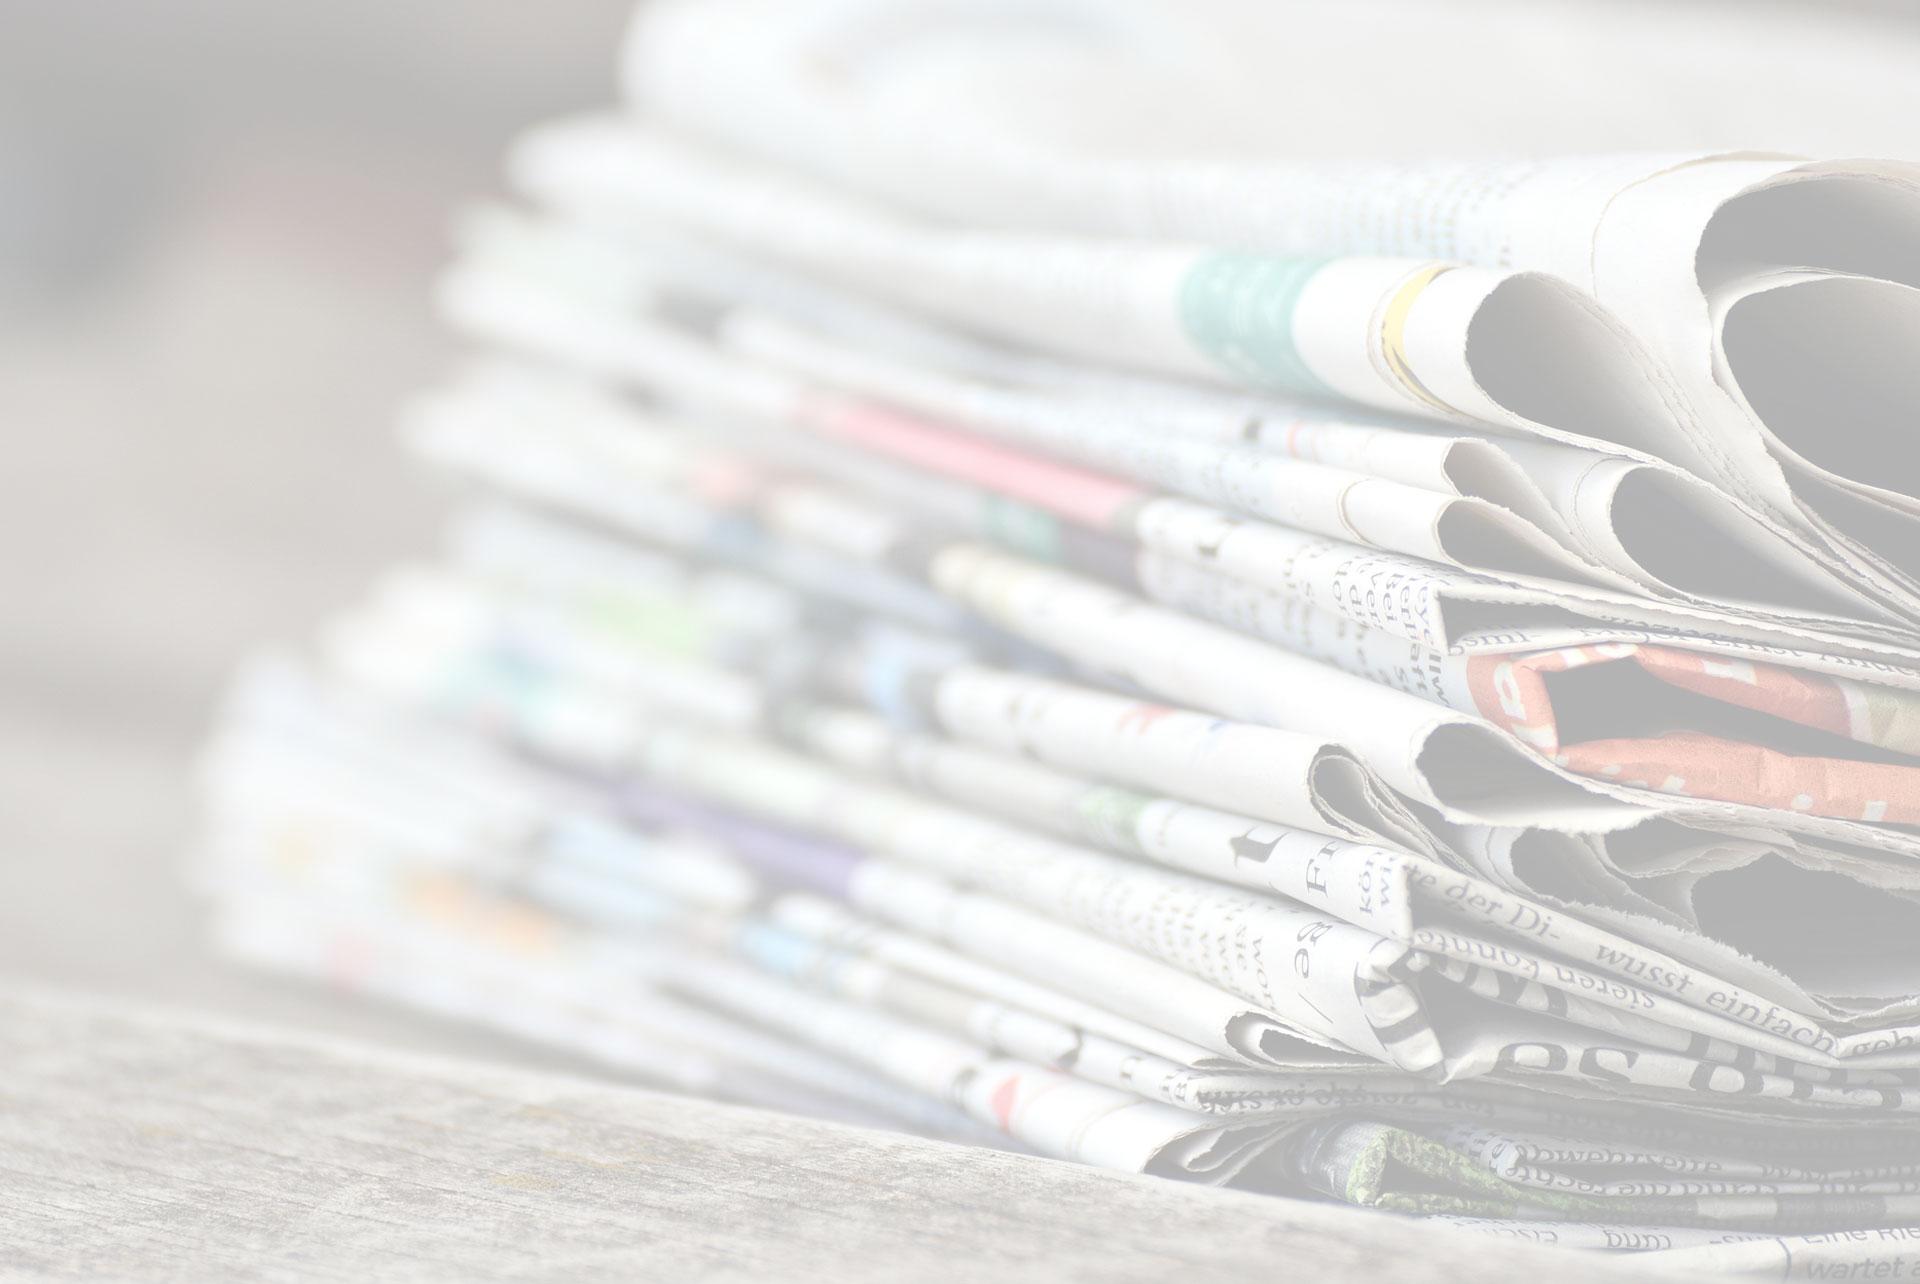 migranti Diciotti a Roma